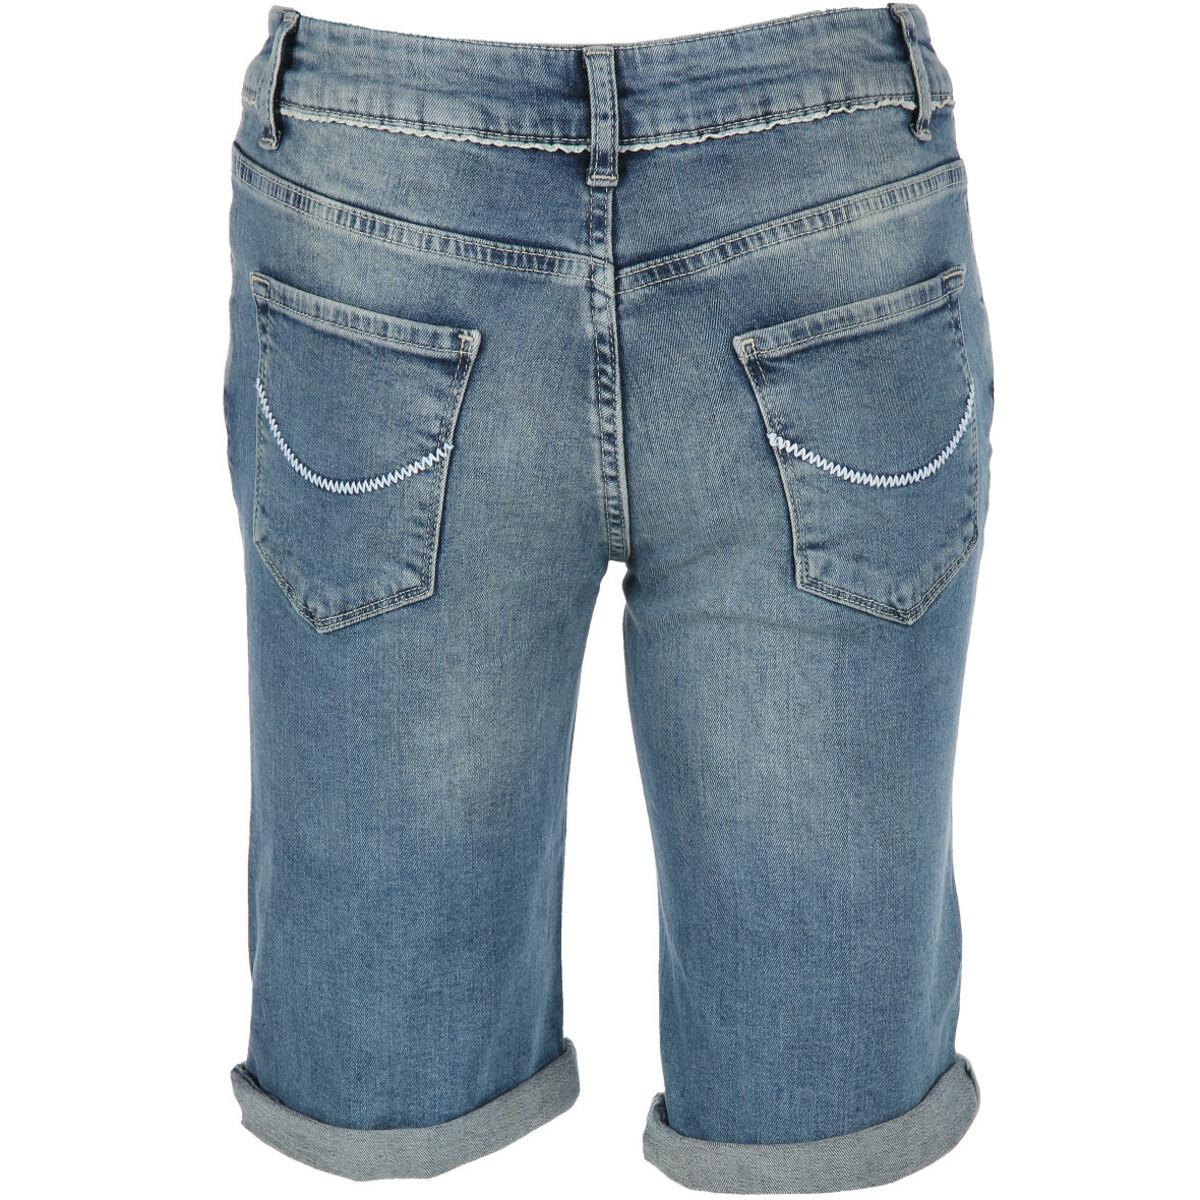 Bild 2 von Damen Jeans im Trachtenlook